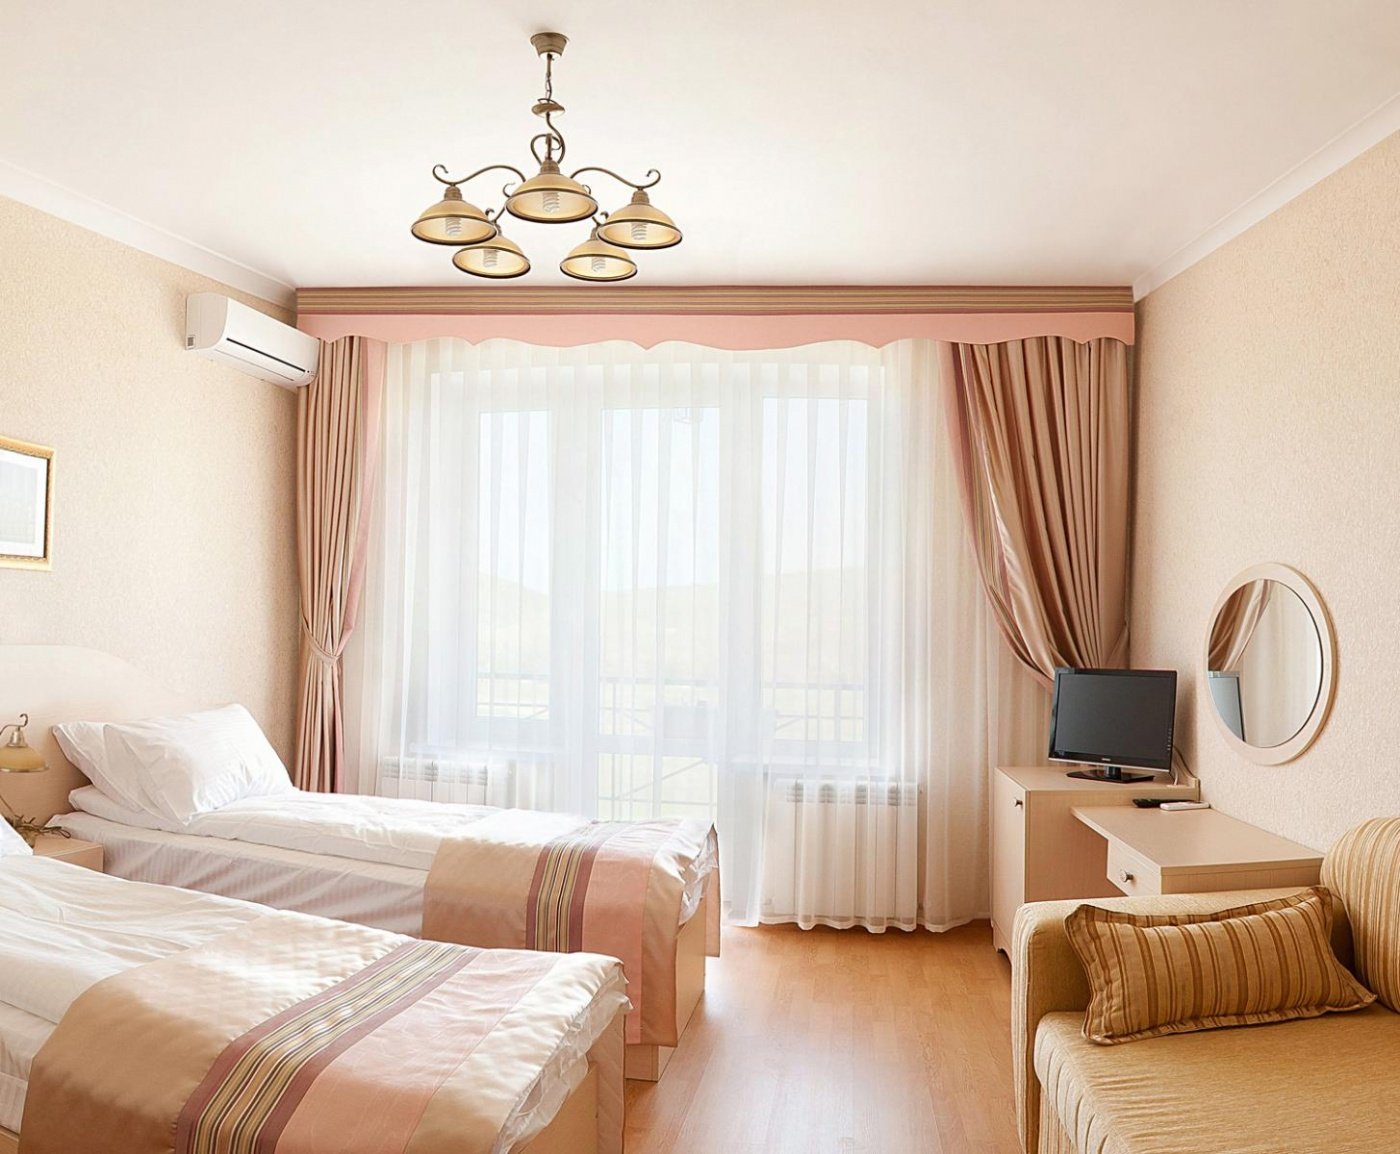 Отель «Бонжур» Краснодарский край Стандарт 2-местный, фото 2